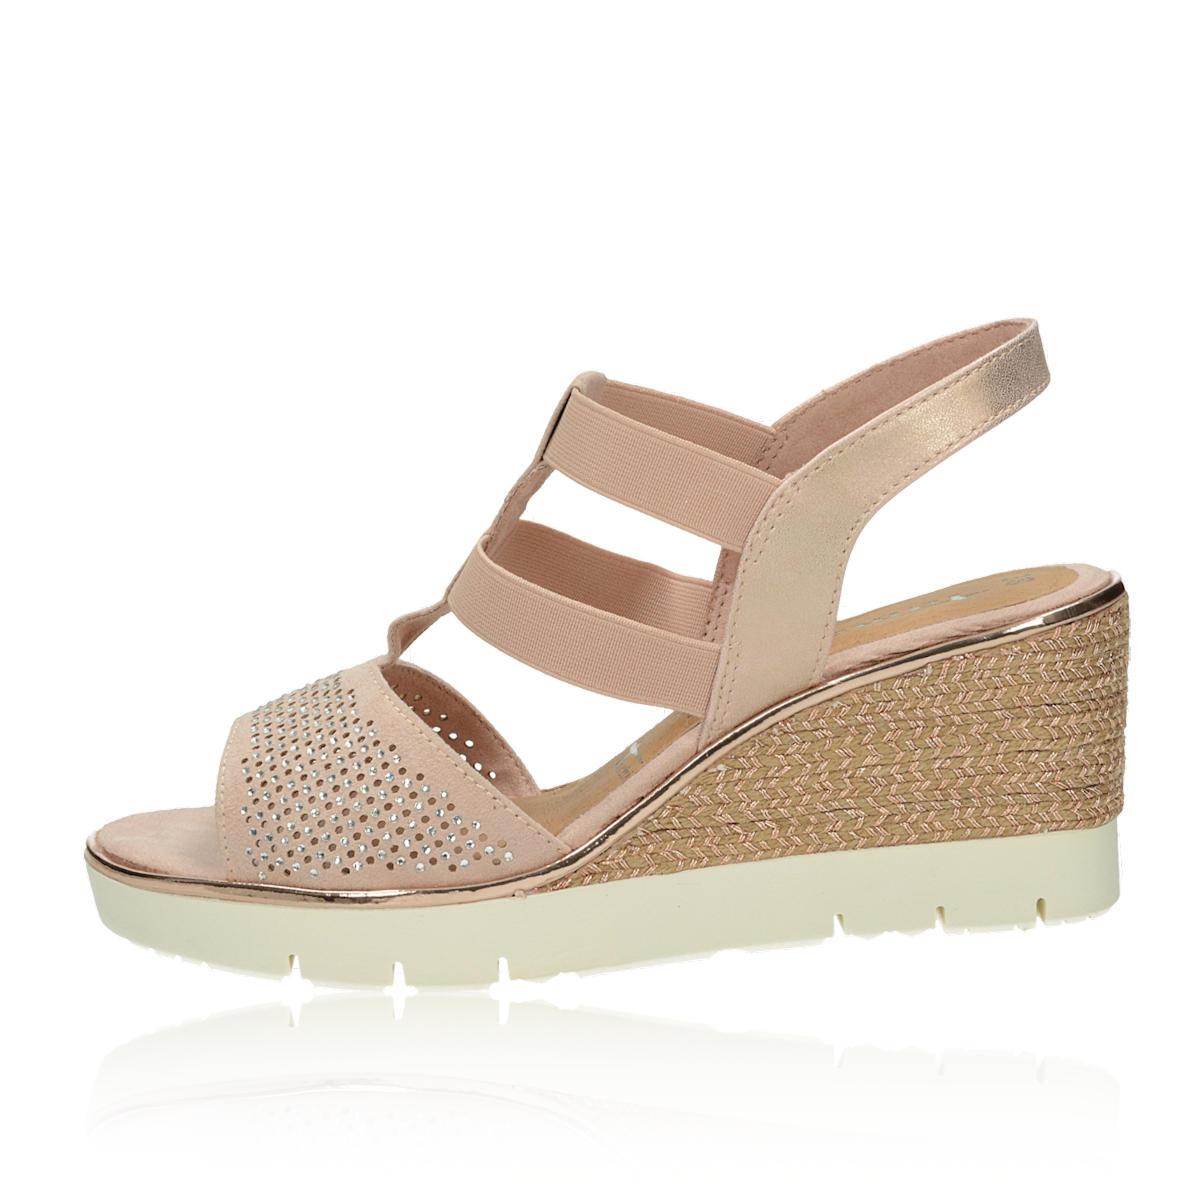 7ddc5ec640a9 ... Tamaris dámske pohodlné sandále na klinovej podrážke - ružové ...